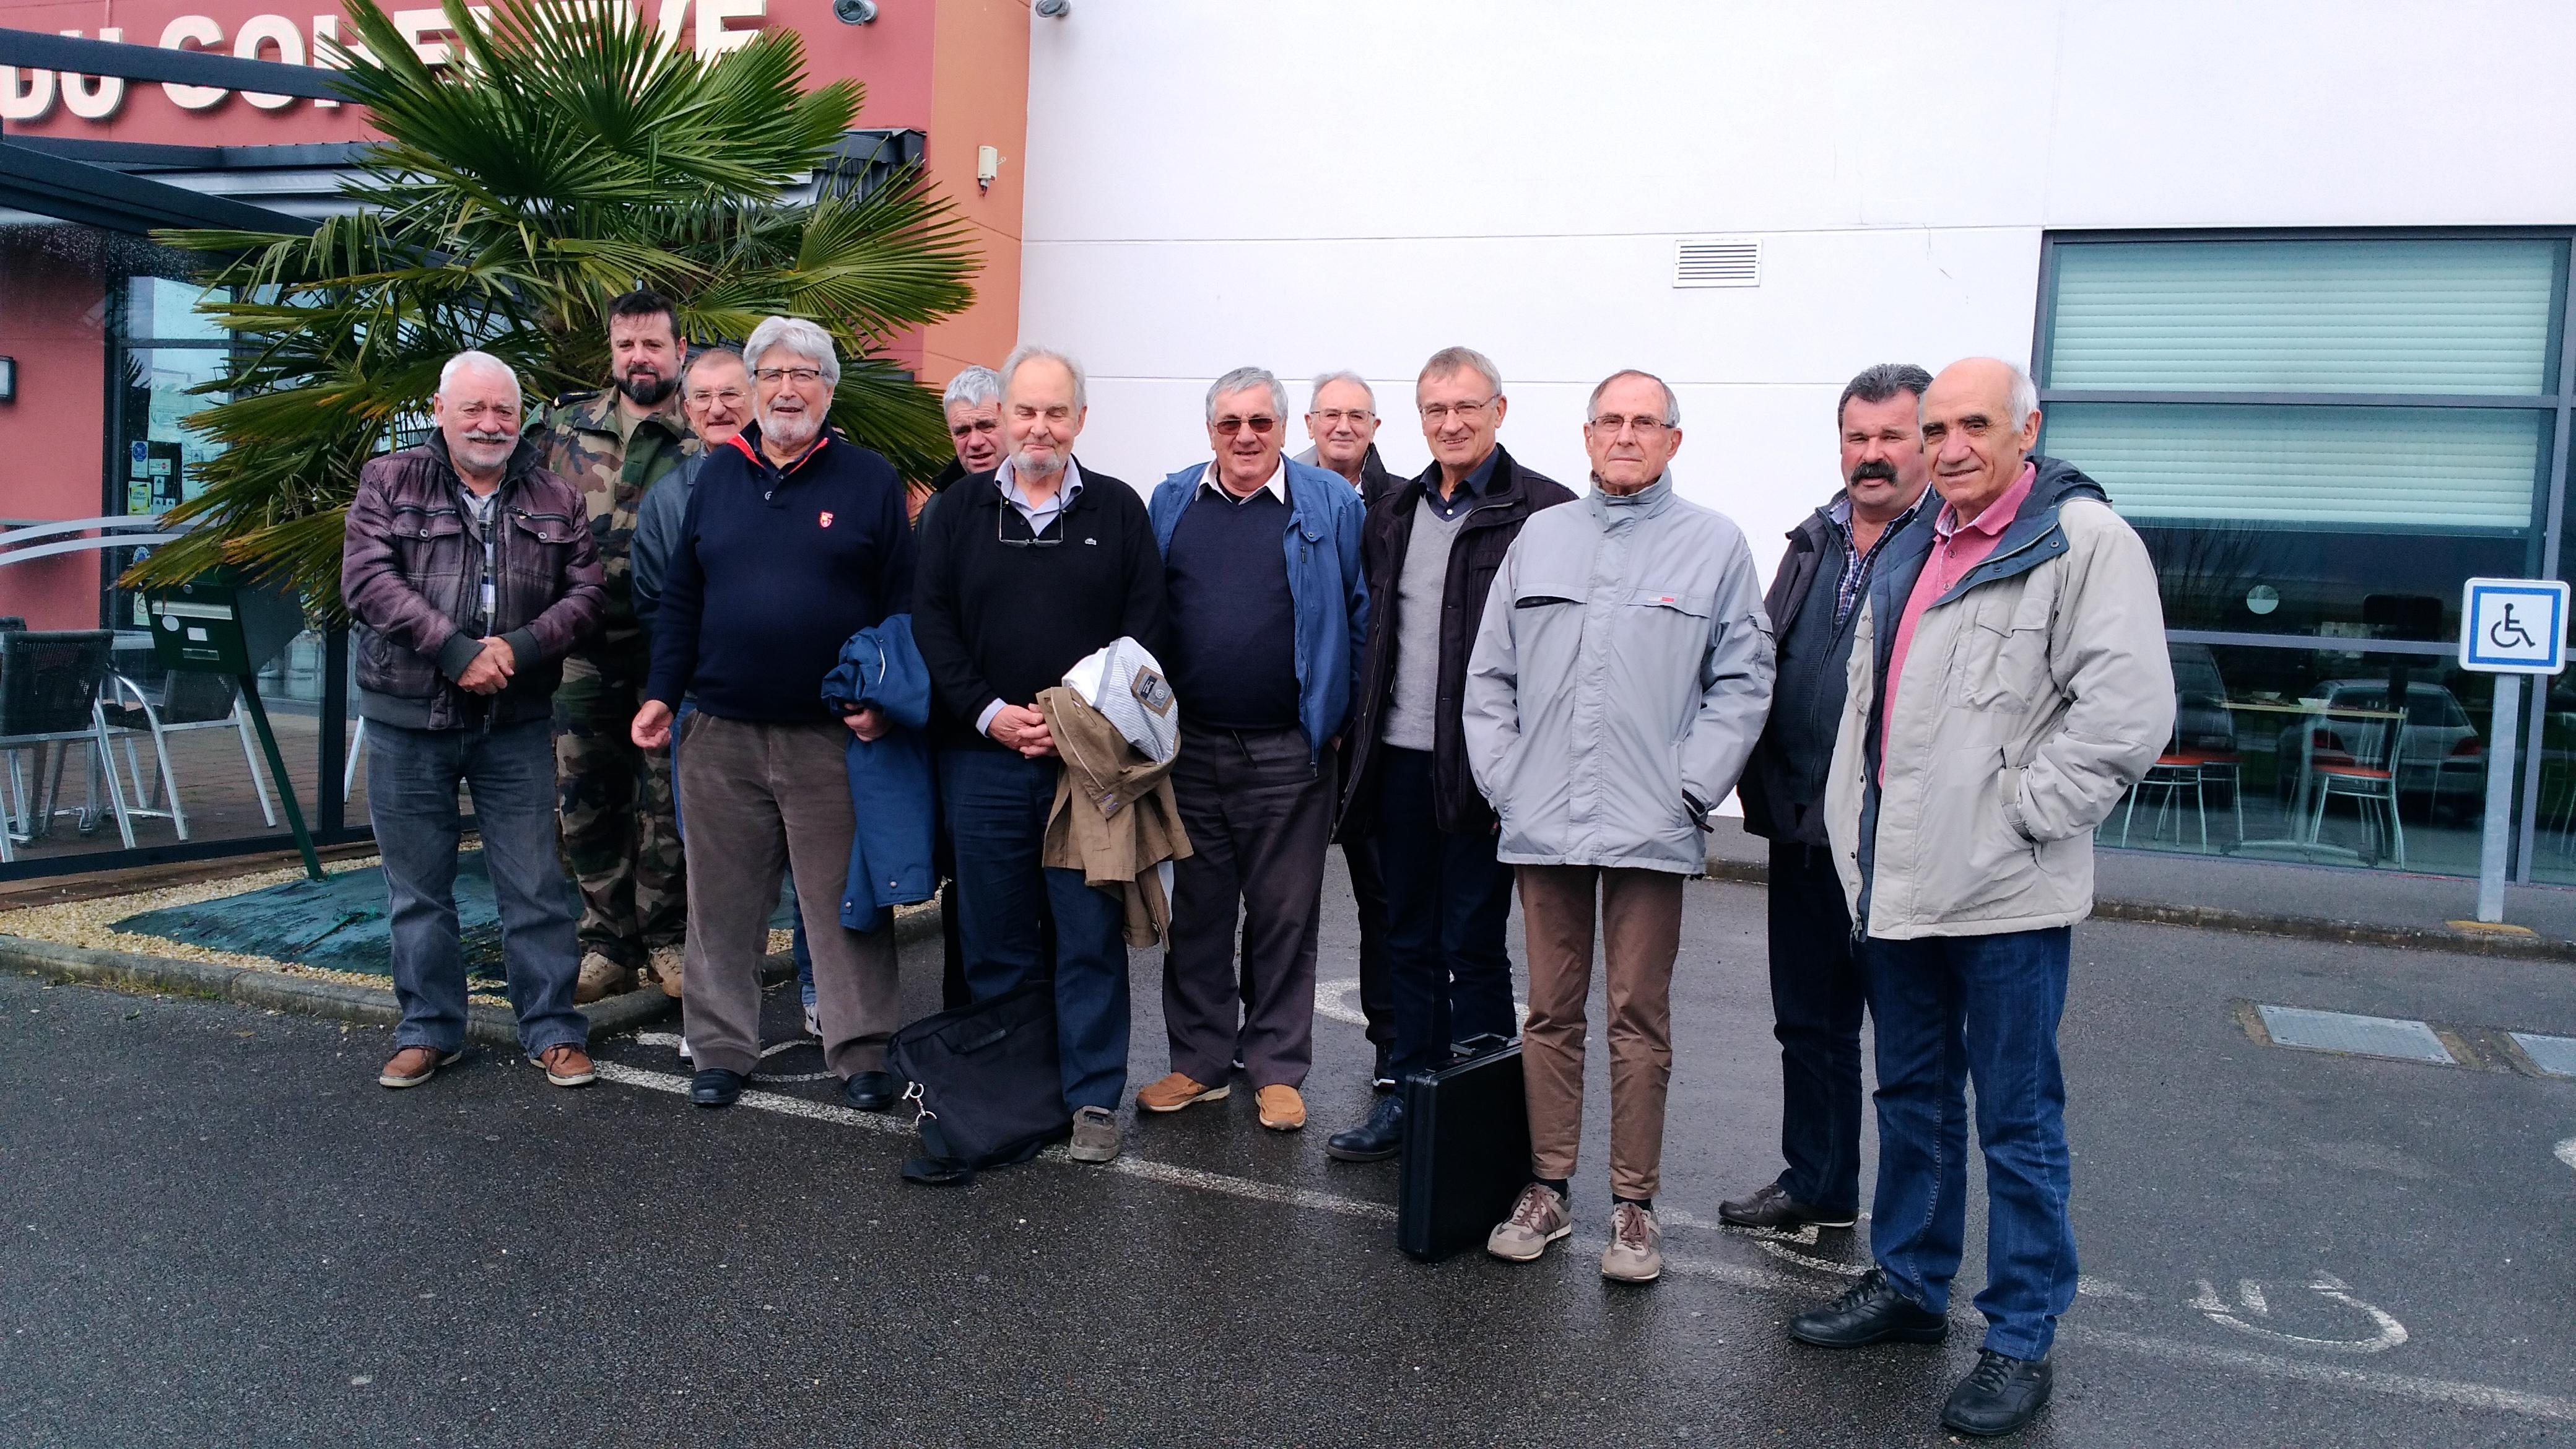 Réunion des élus de la section AETA Bretagne 1